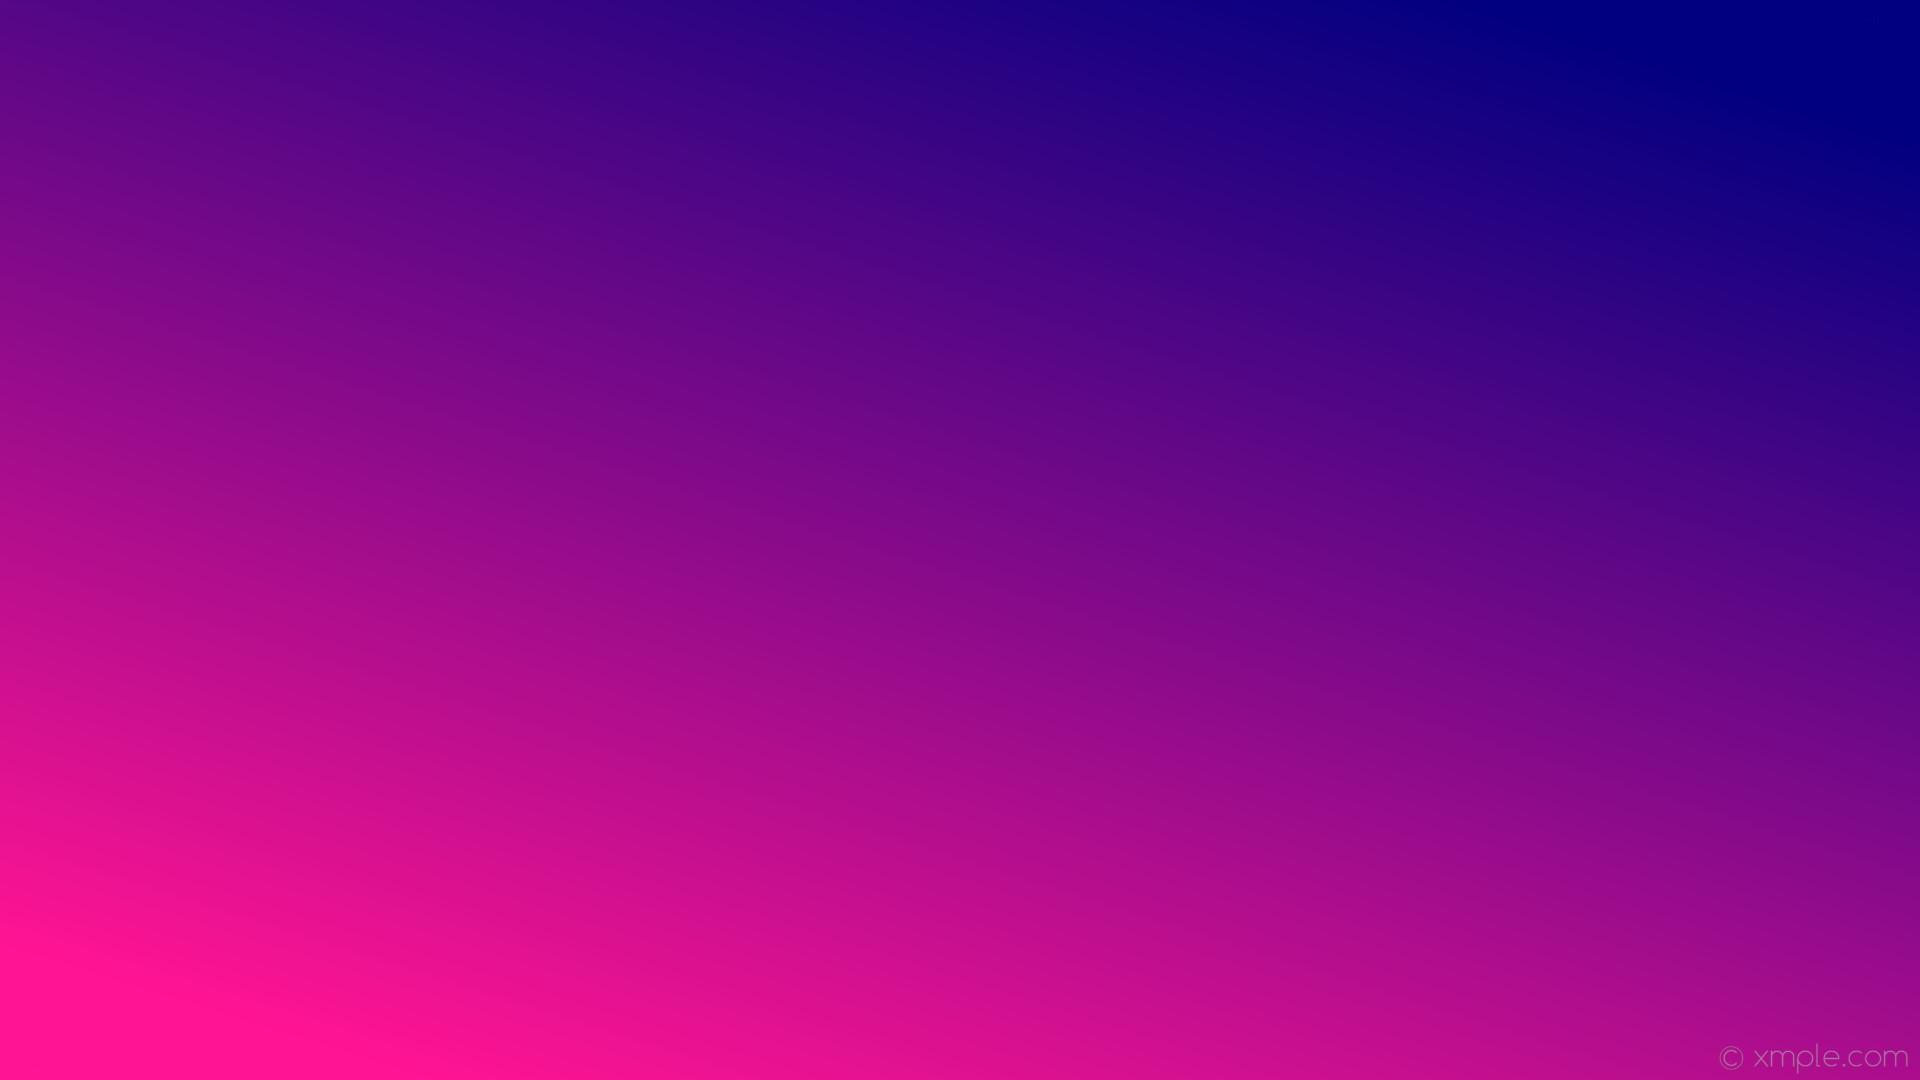 wallpaper gradient blue linear pink deep pink navy #ff1493 #000080 225°